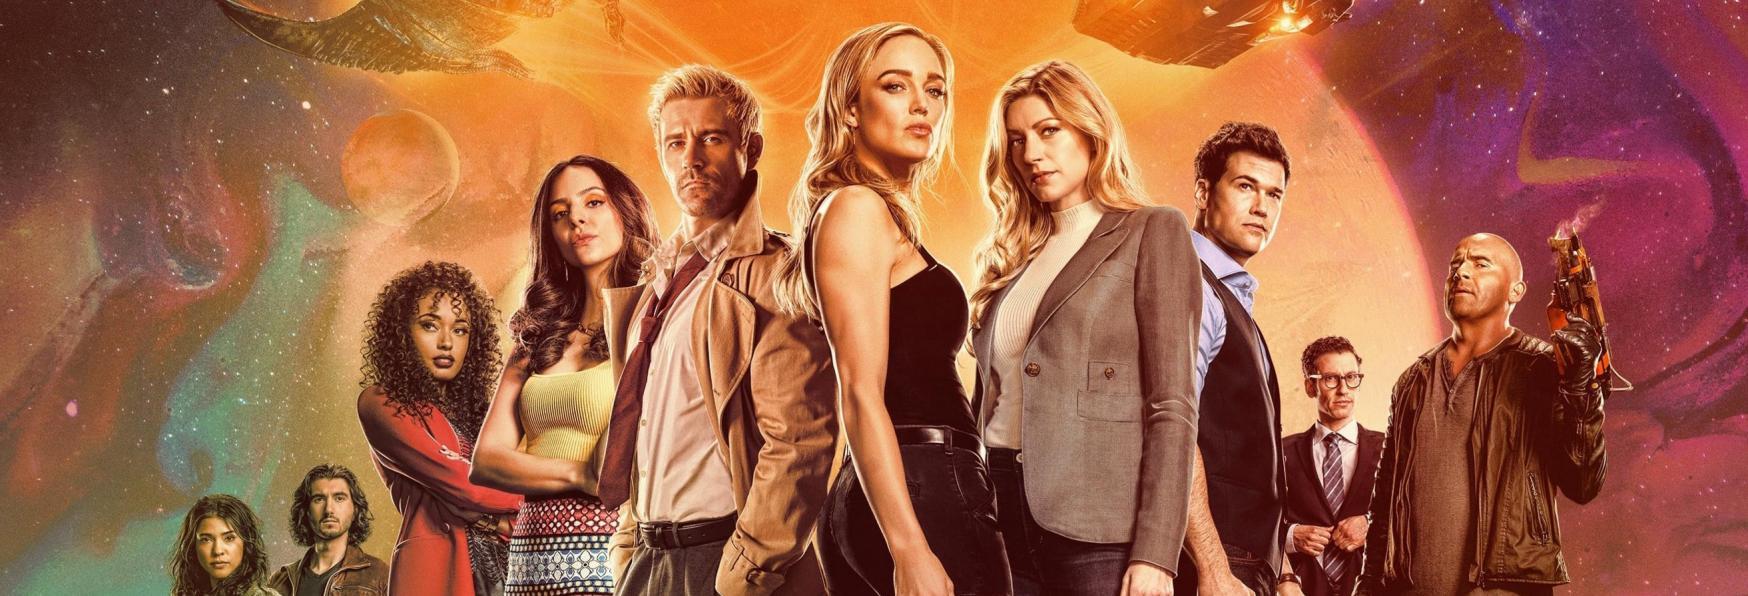 Legends of Tomorrow 7: svelata la Sinossi della nuova Stagione della Serie TV DC